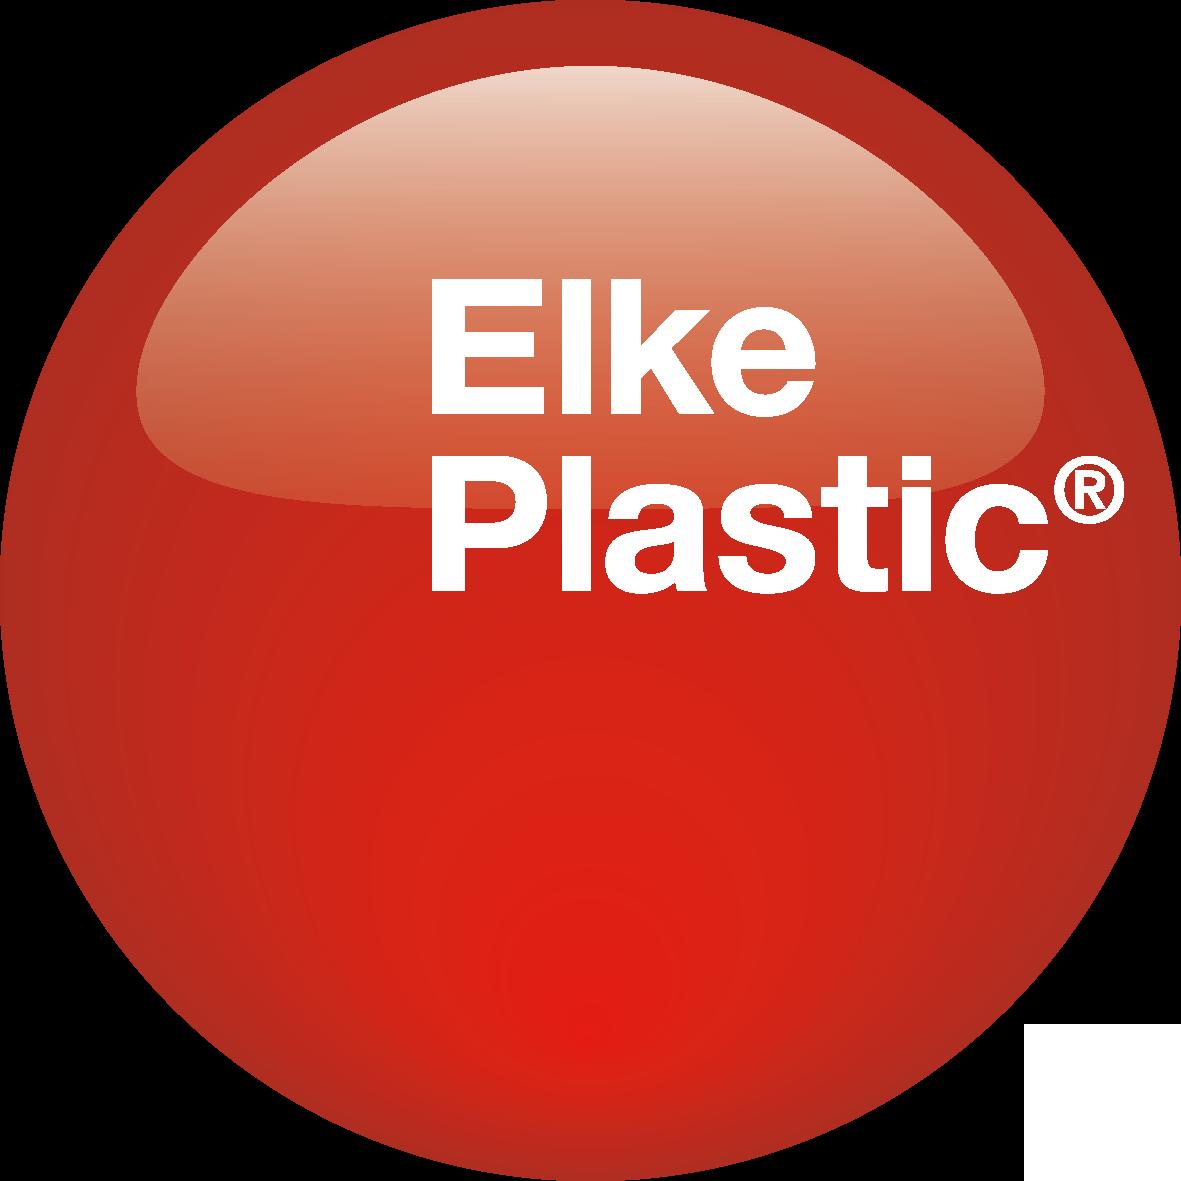 Elke Plastic - Votre professionnel pour les emballages en plastique